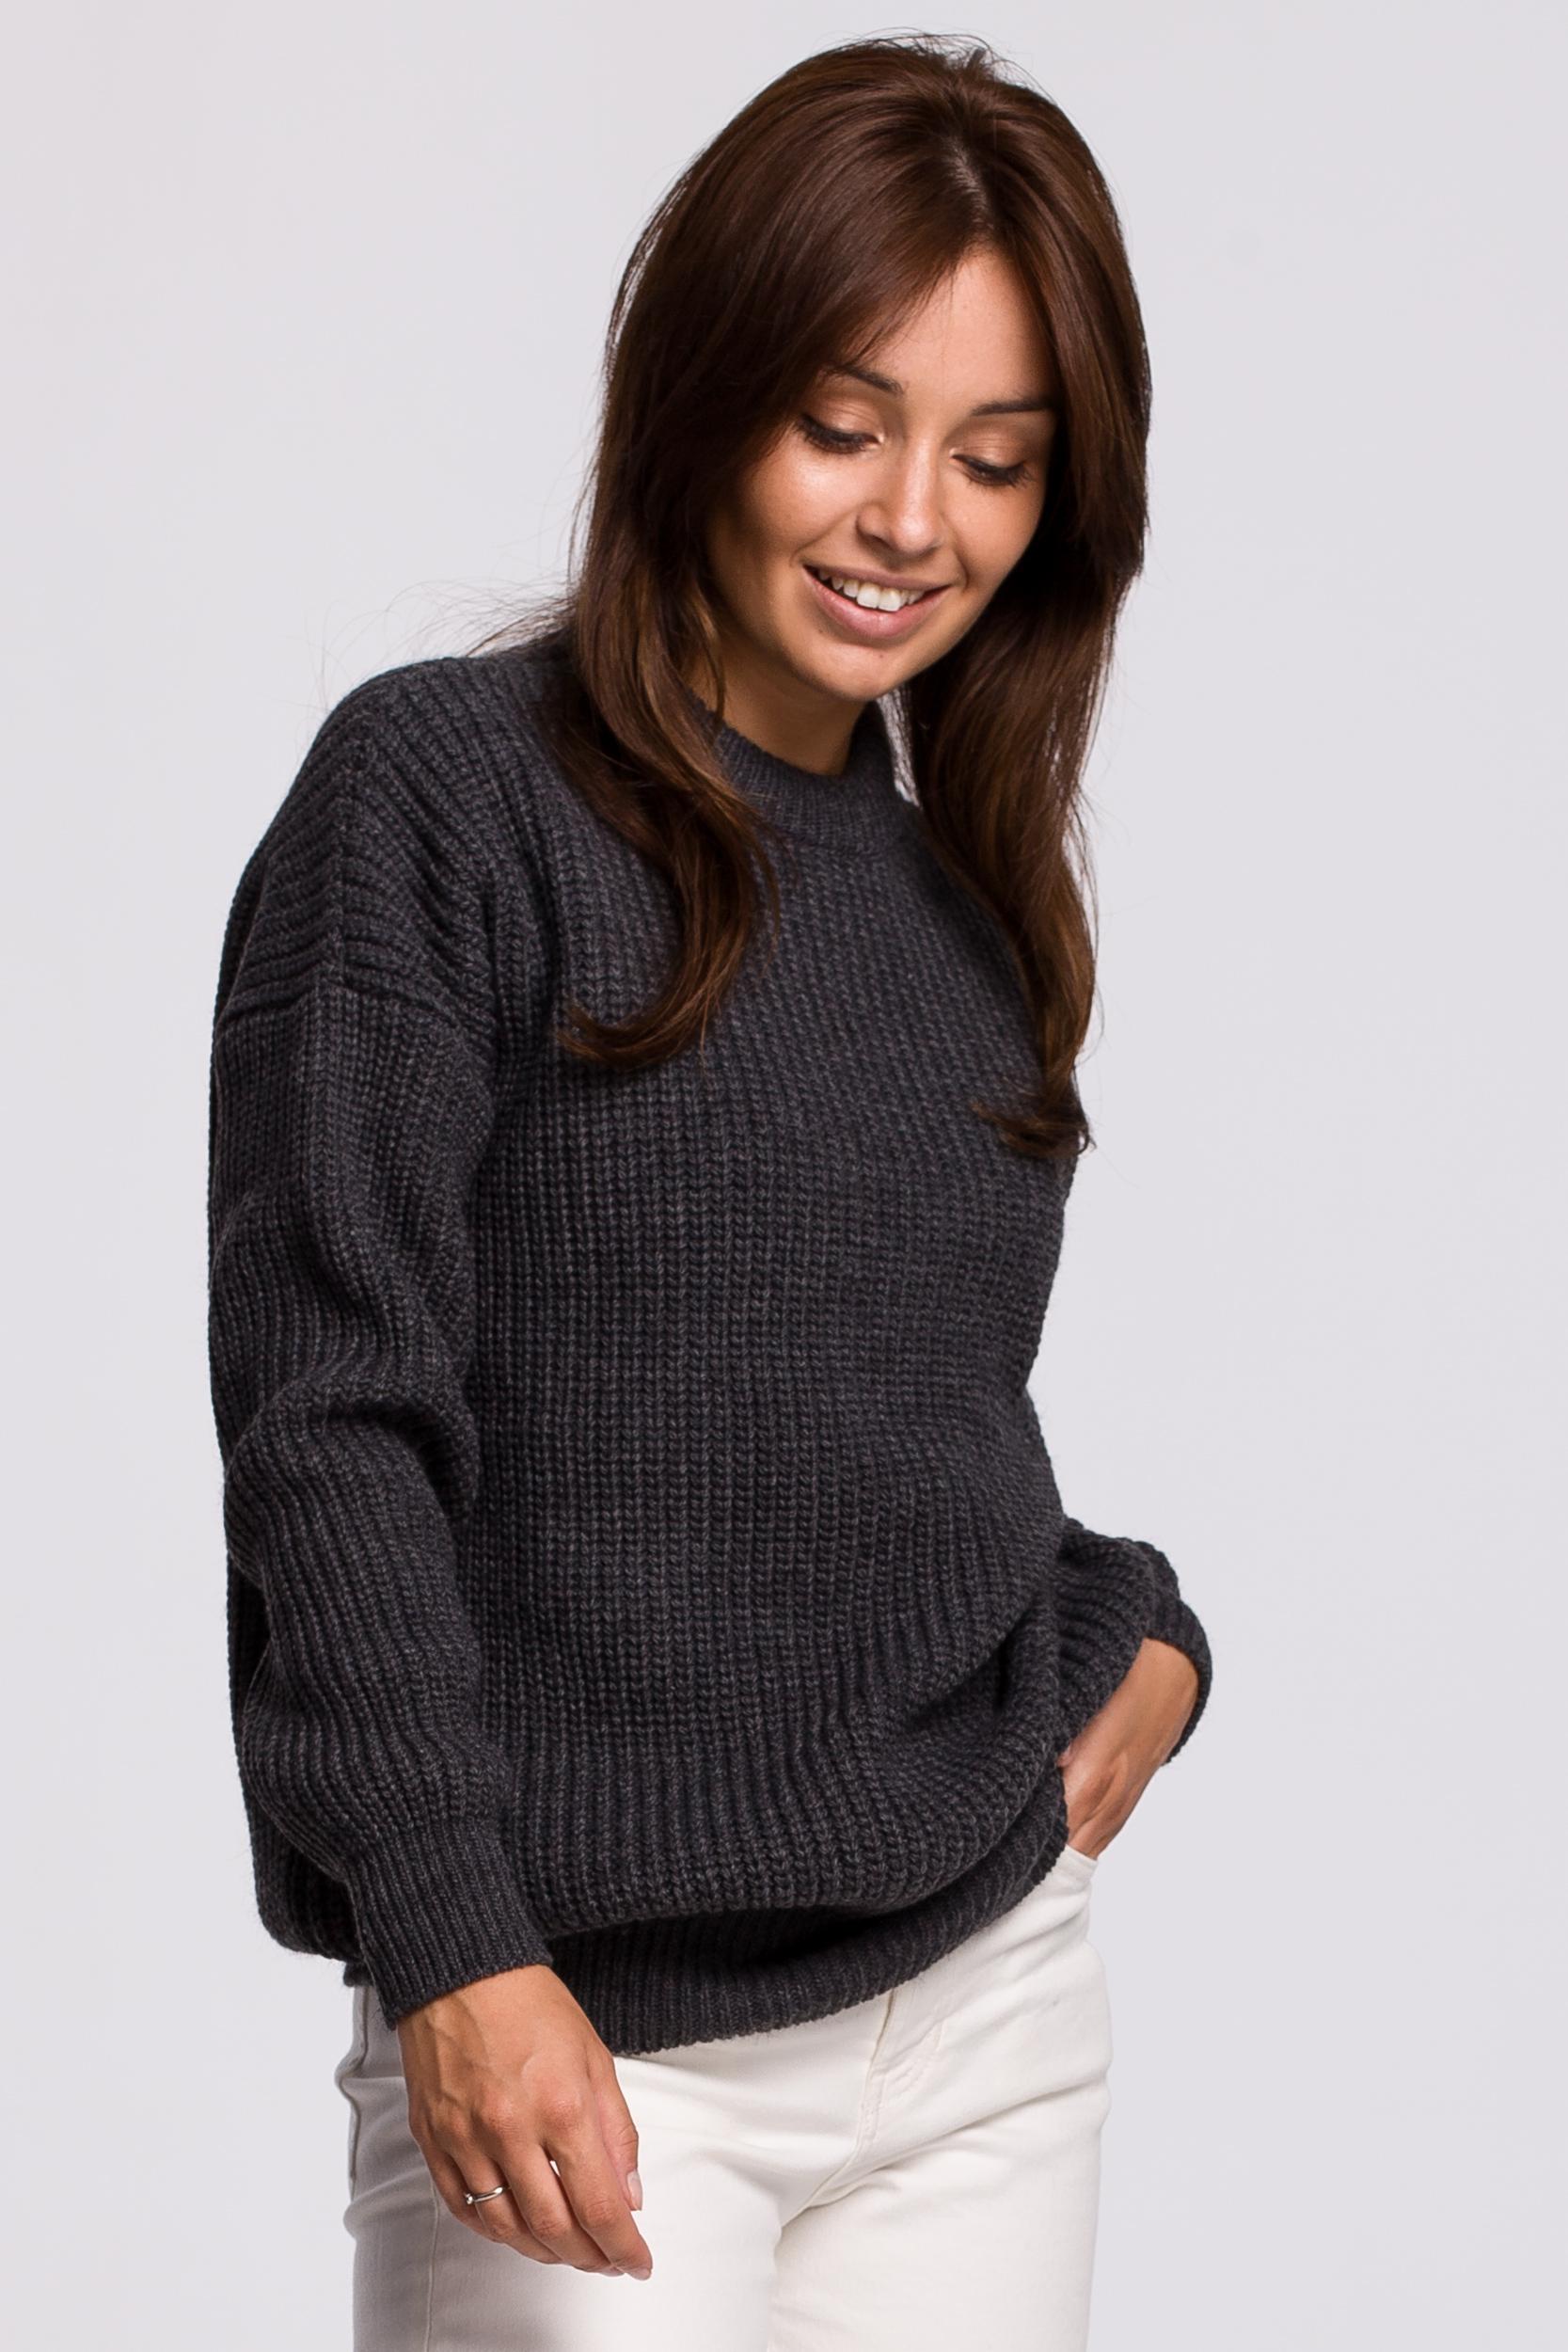 Sweater in Graphite Vorderansicht